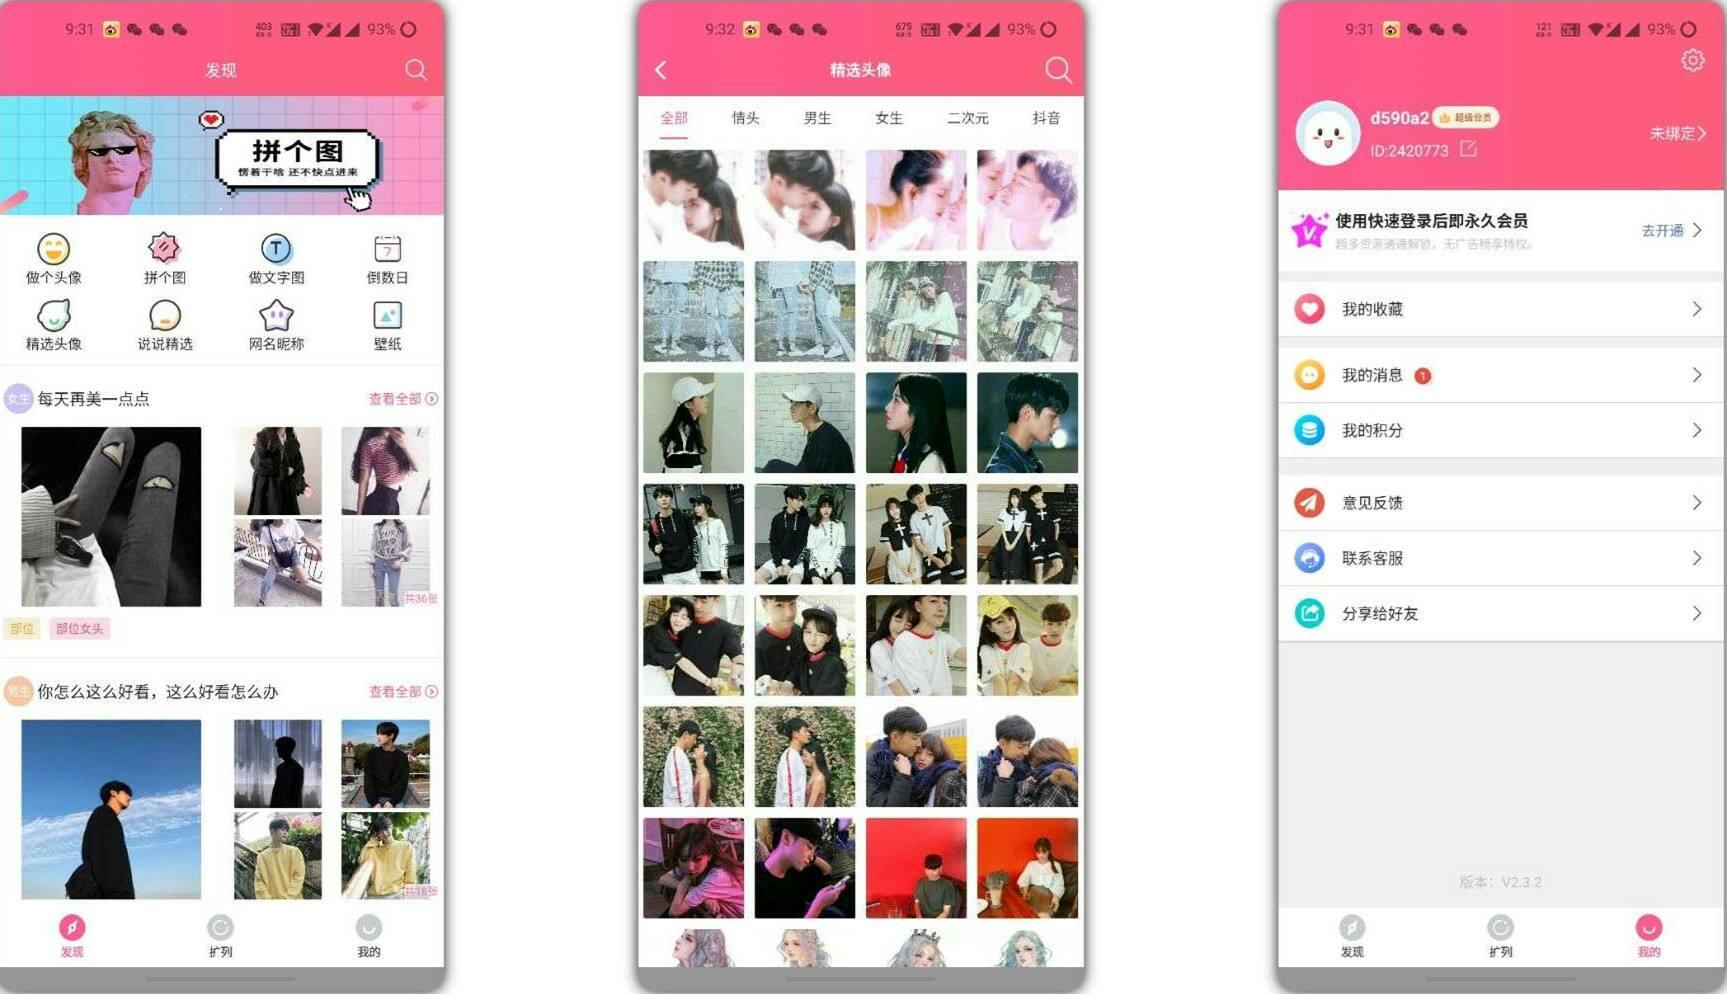 「小仙女美化」2.3.2全能社交软件|玩机美化|永久黄金会员-第1张图片-小冰资源网